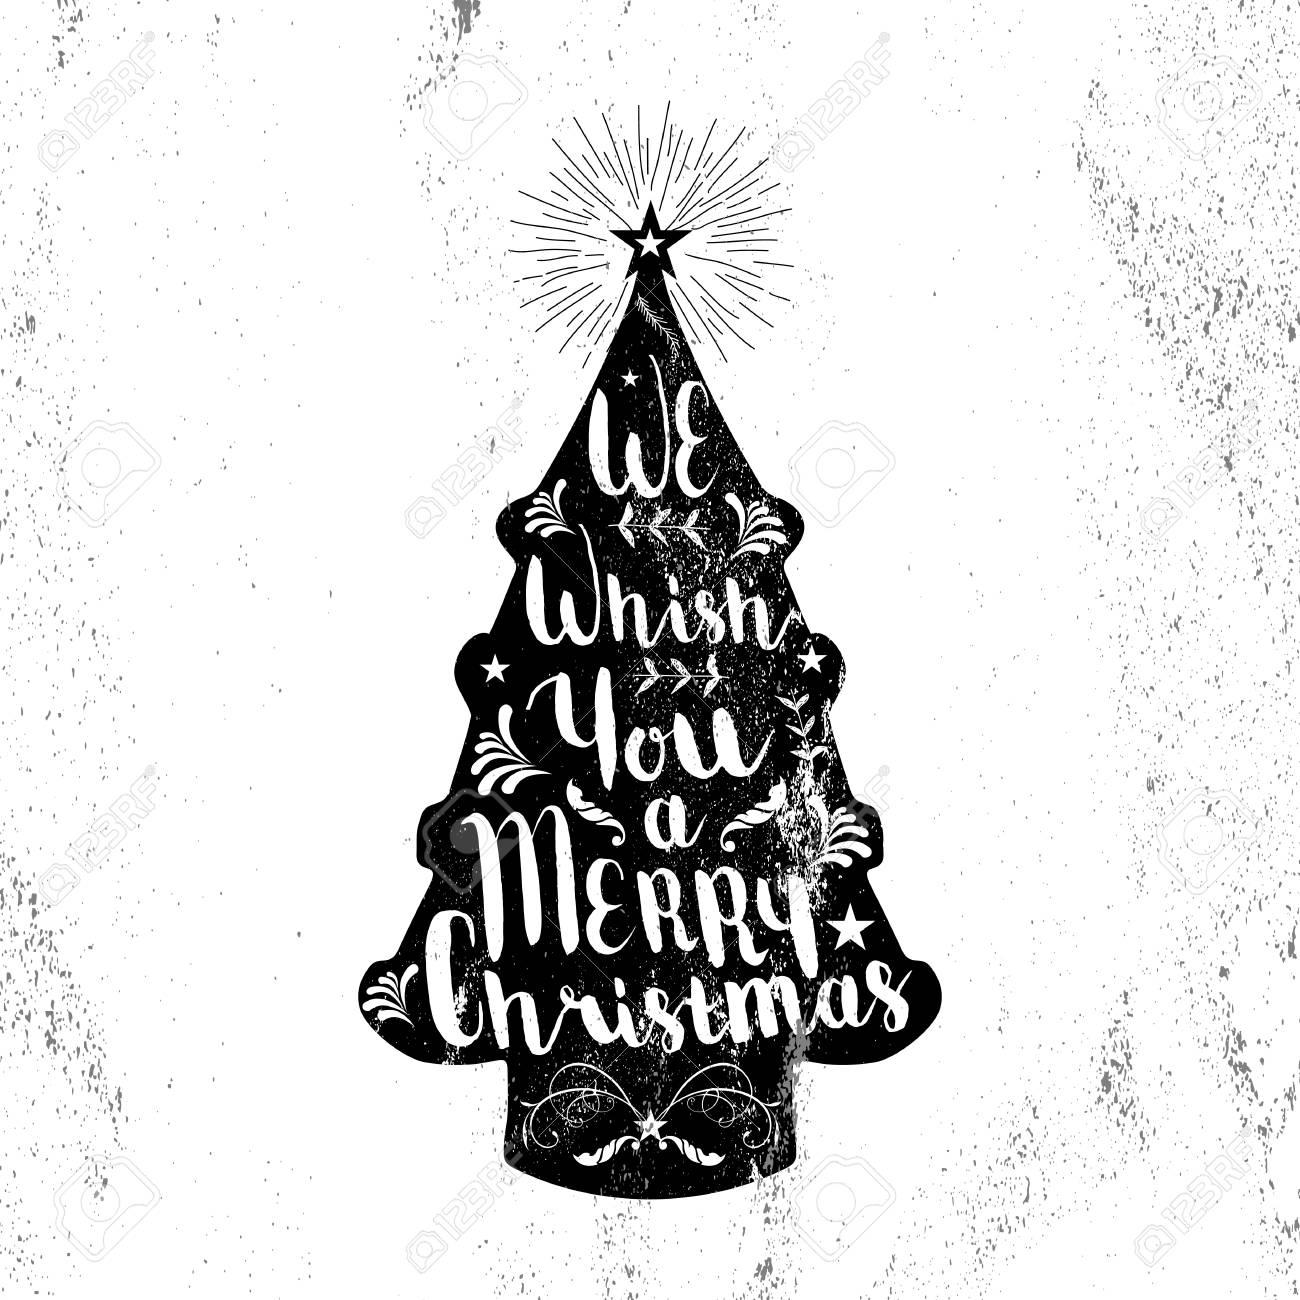 Forme Joyeux Noël Noir Et Blanc Hippie Pin Arbre Sur La Texture Du Papier Fond Avec Des éléments Vintage Idéal Pour Carte De Noël De Voeux Ou